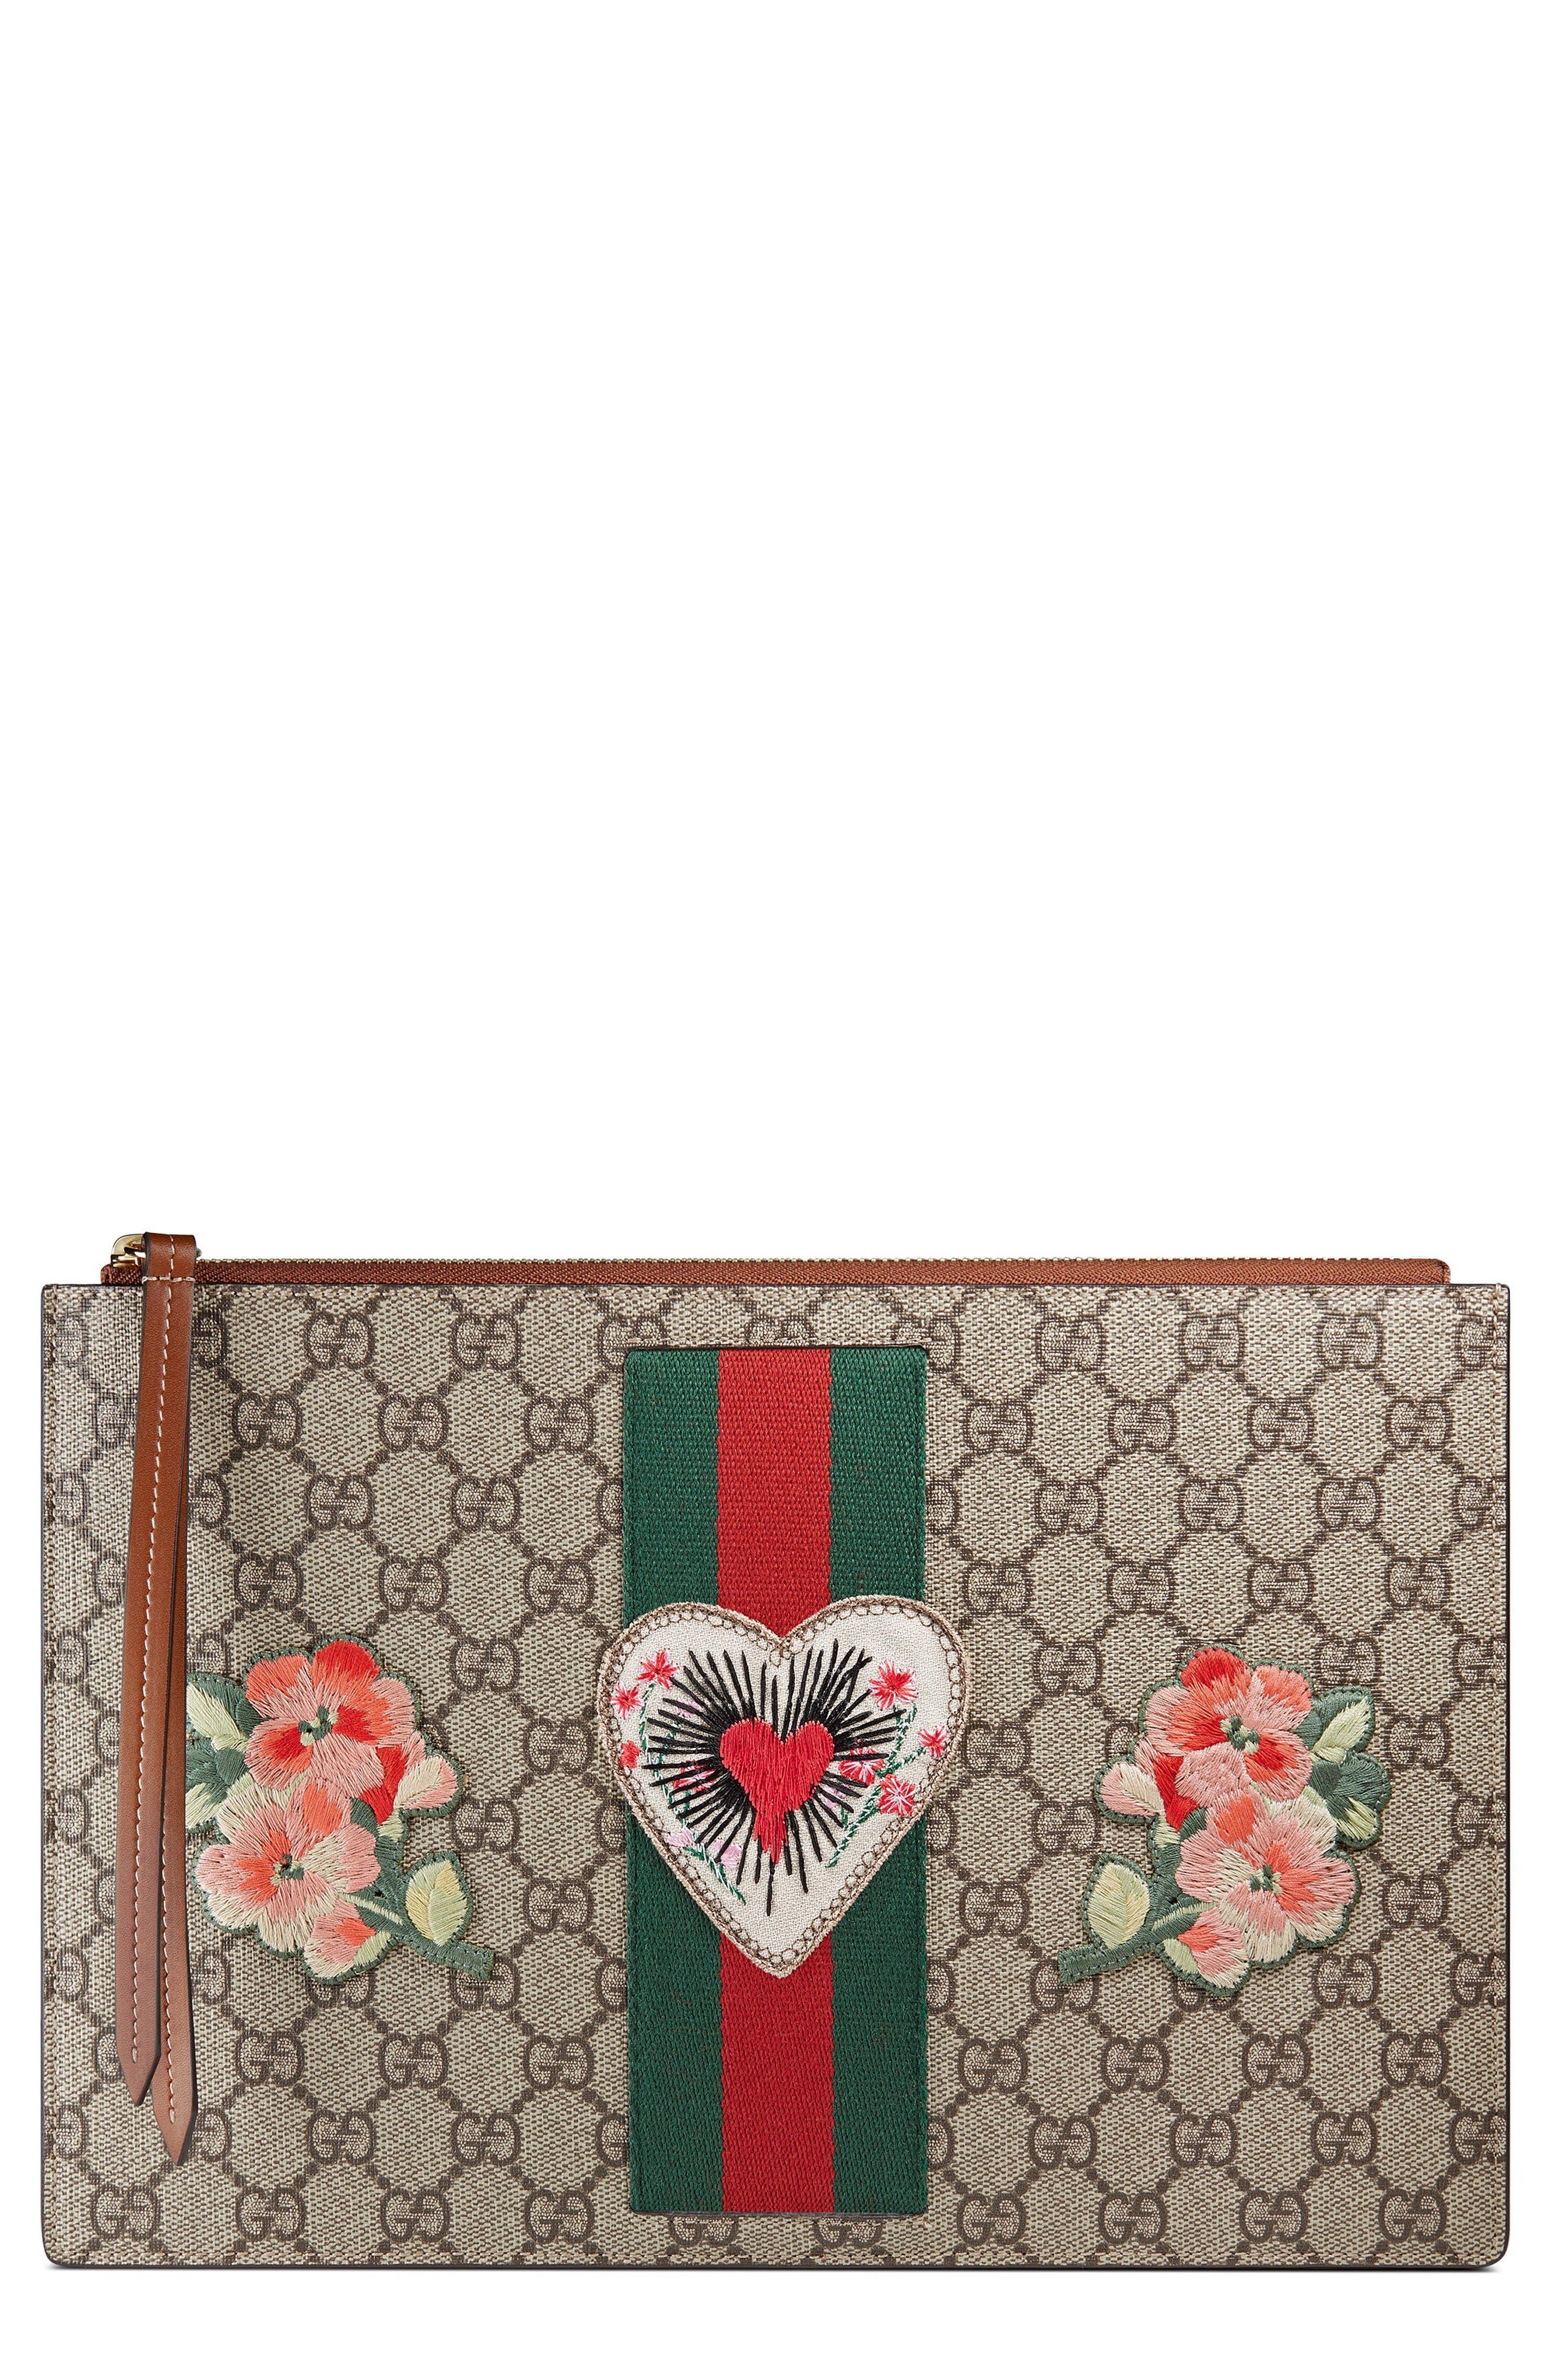 Gucci Merveilles Appliqué GG Supreme Canvas Zip Pouch